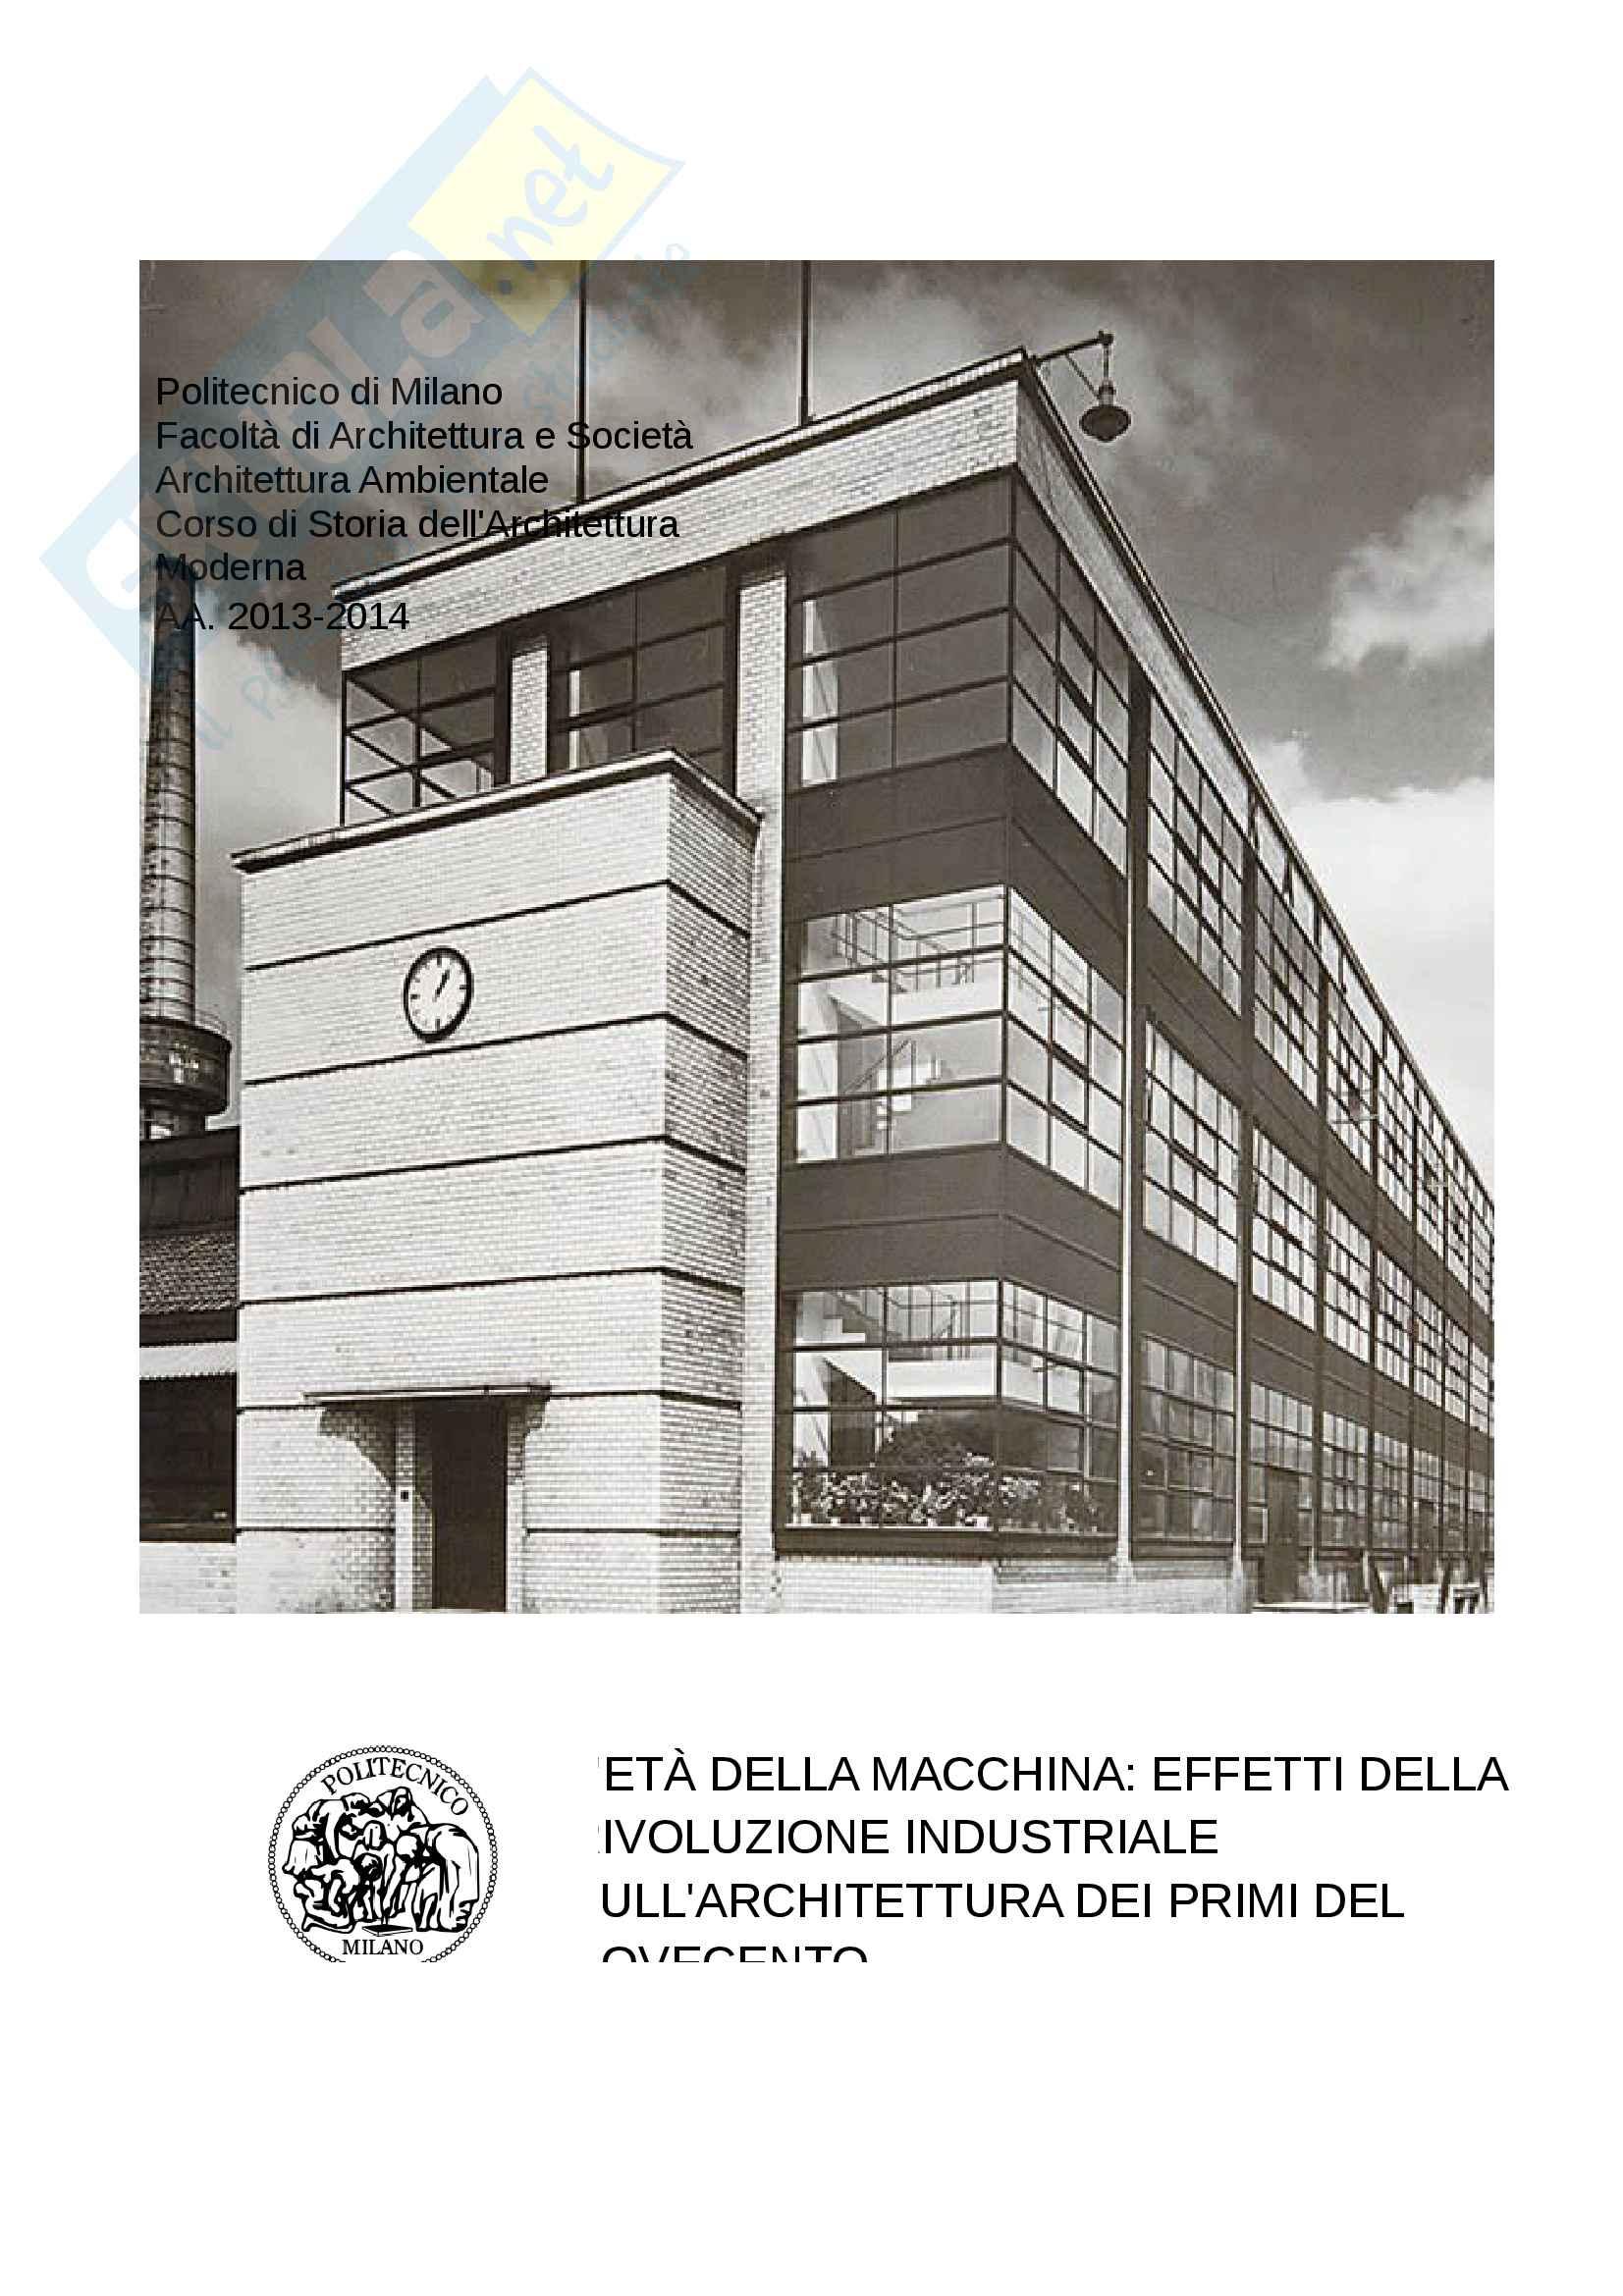 L'età della macchina, effetti della rivoluzione industriale sull'architettura dei primi del Novecento